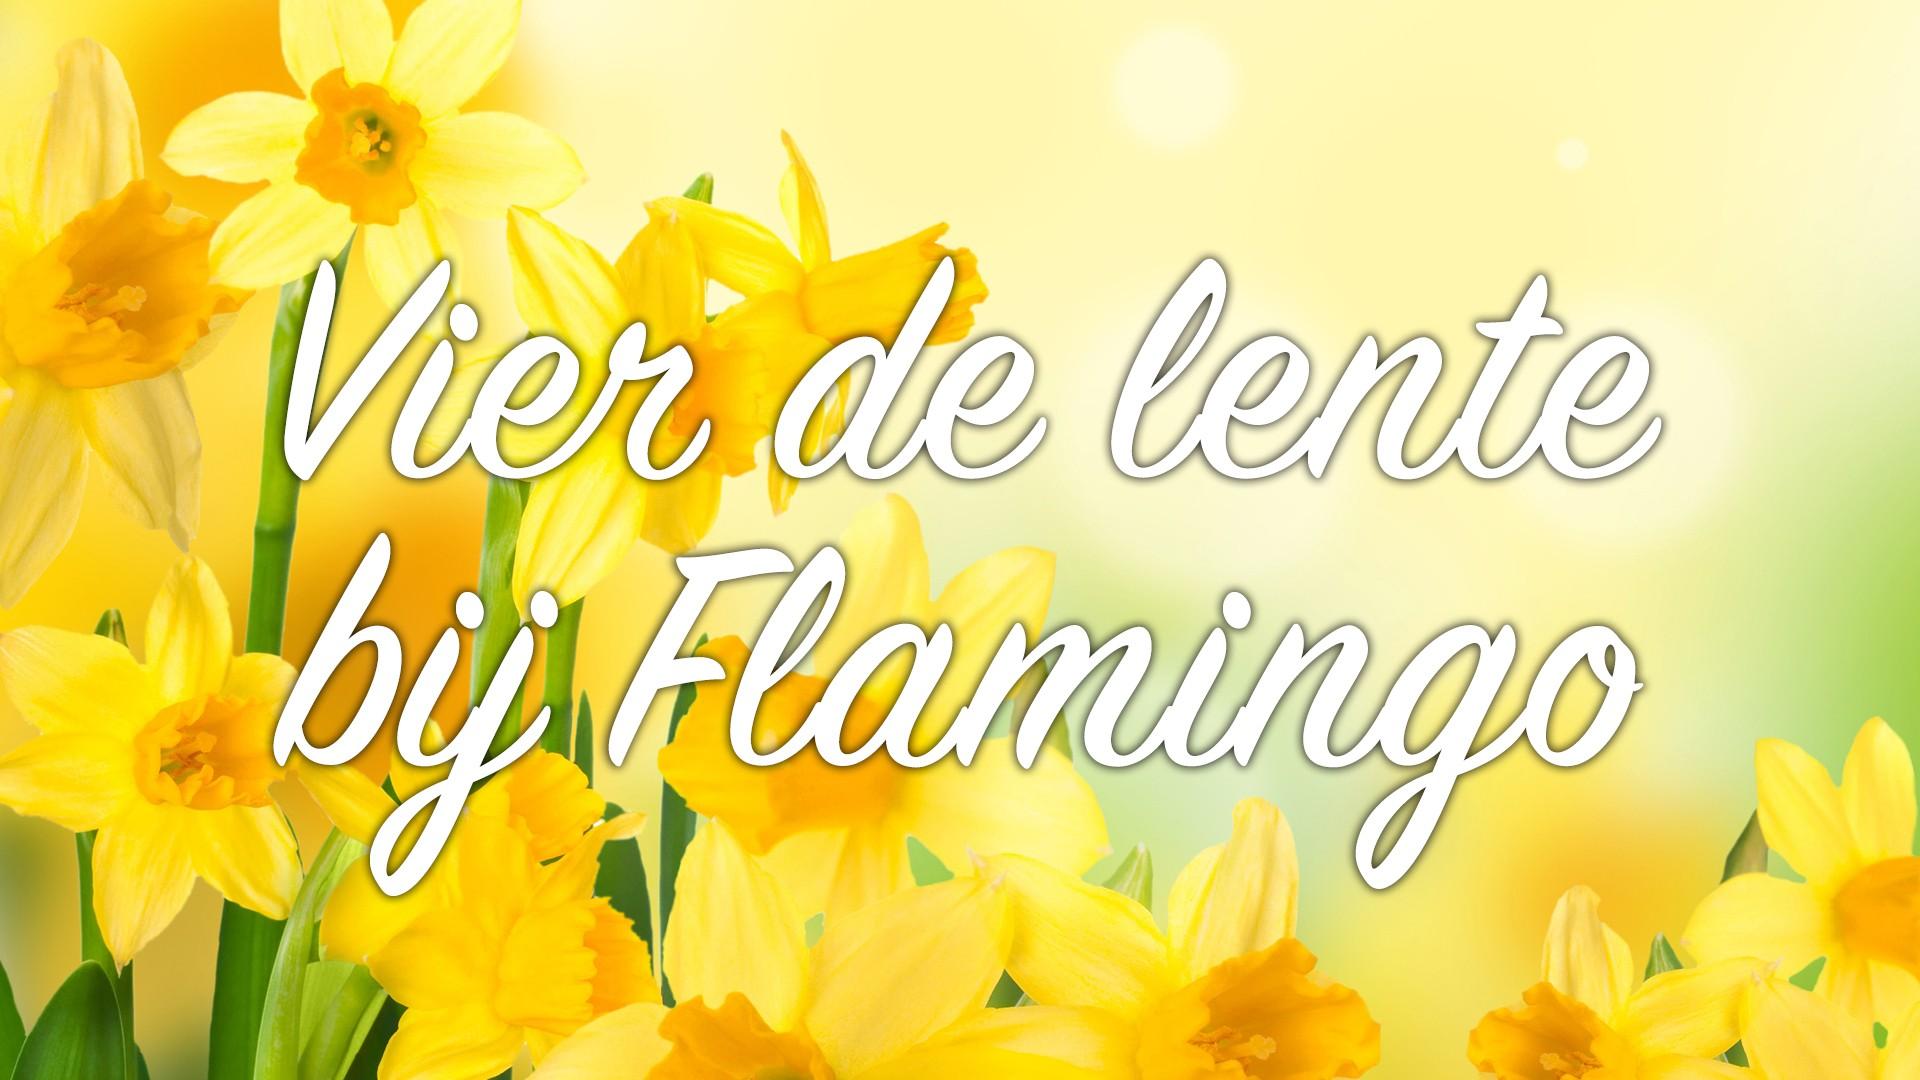 Vier-de-lente-bij-Flamingo_maart20.jpg